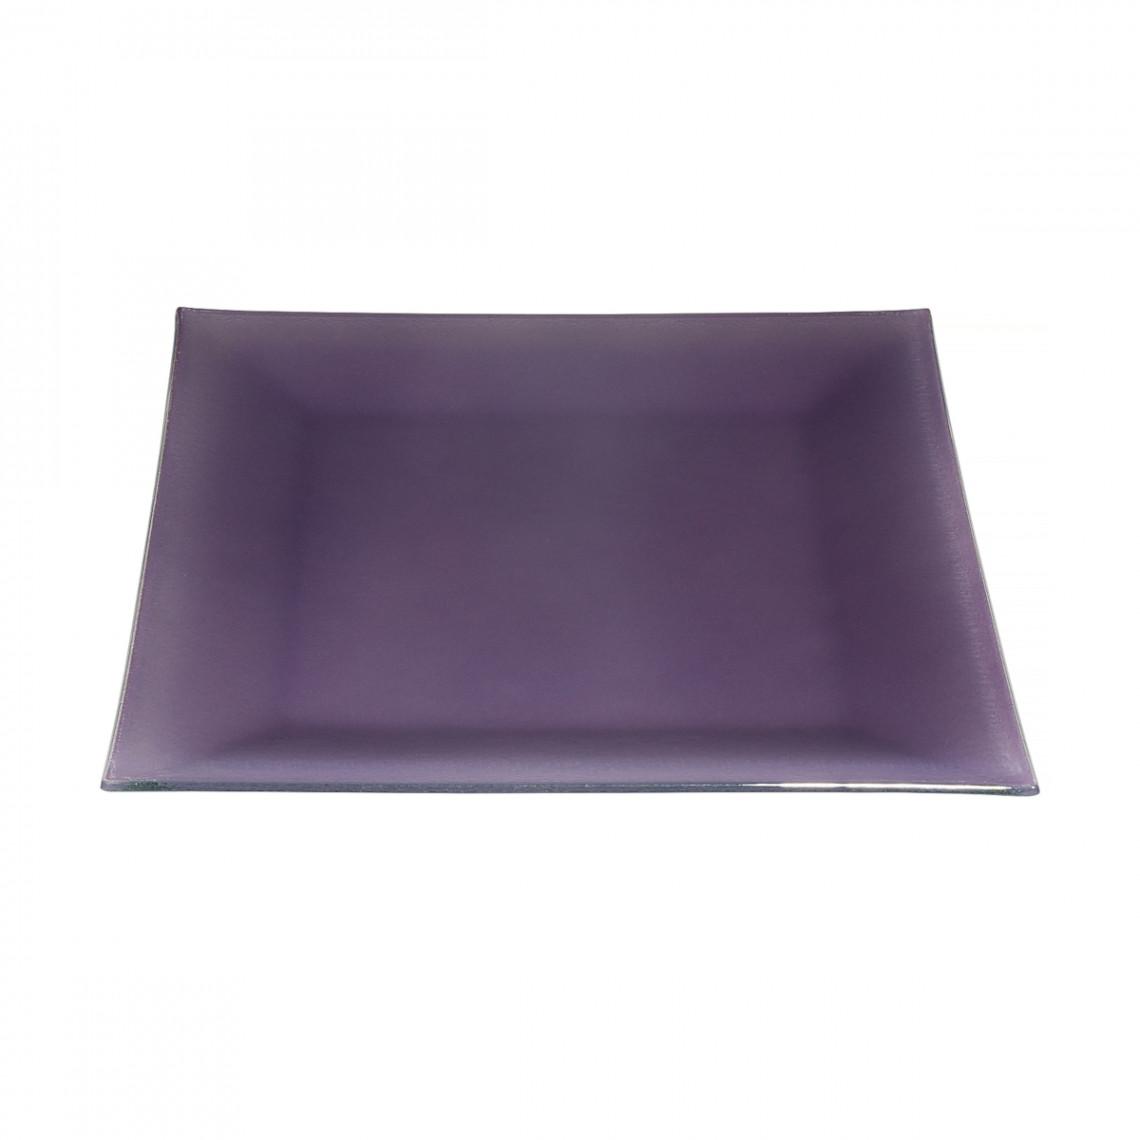 Assiette cocktail Calypso violette (31 x 31 cm)